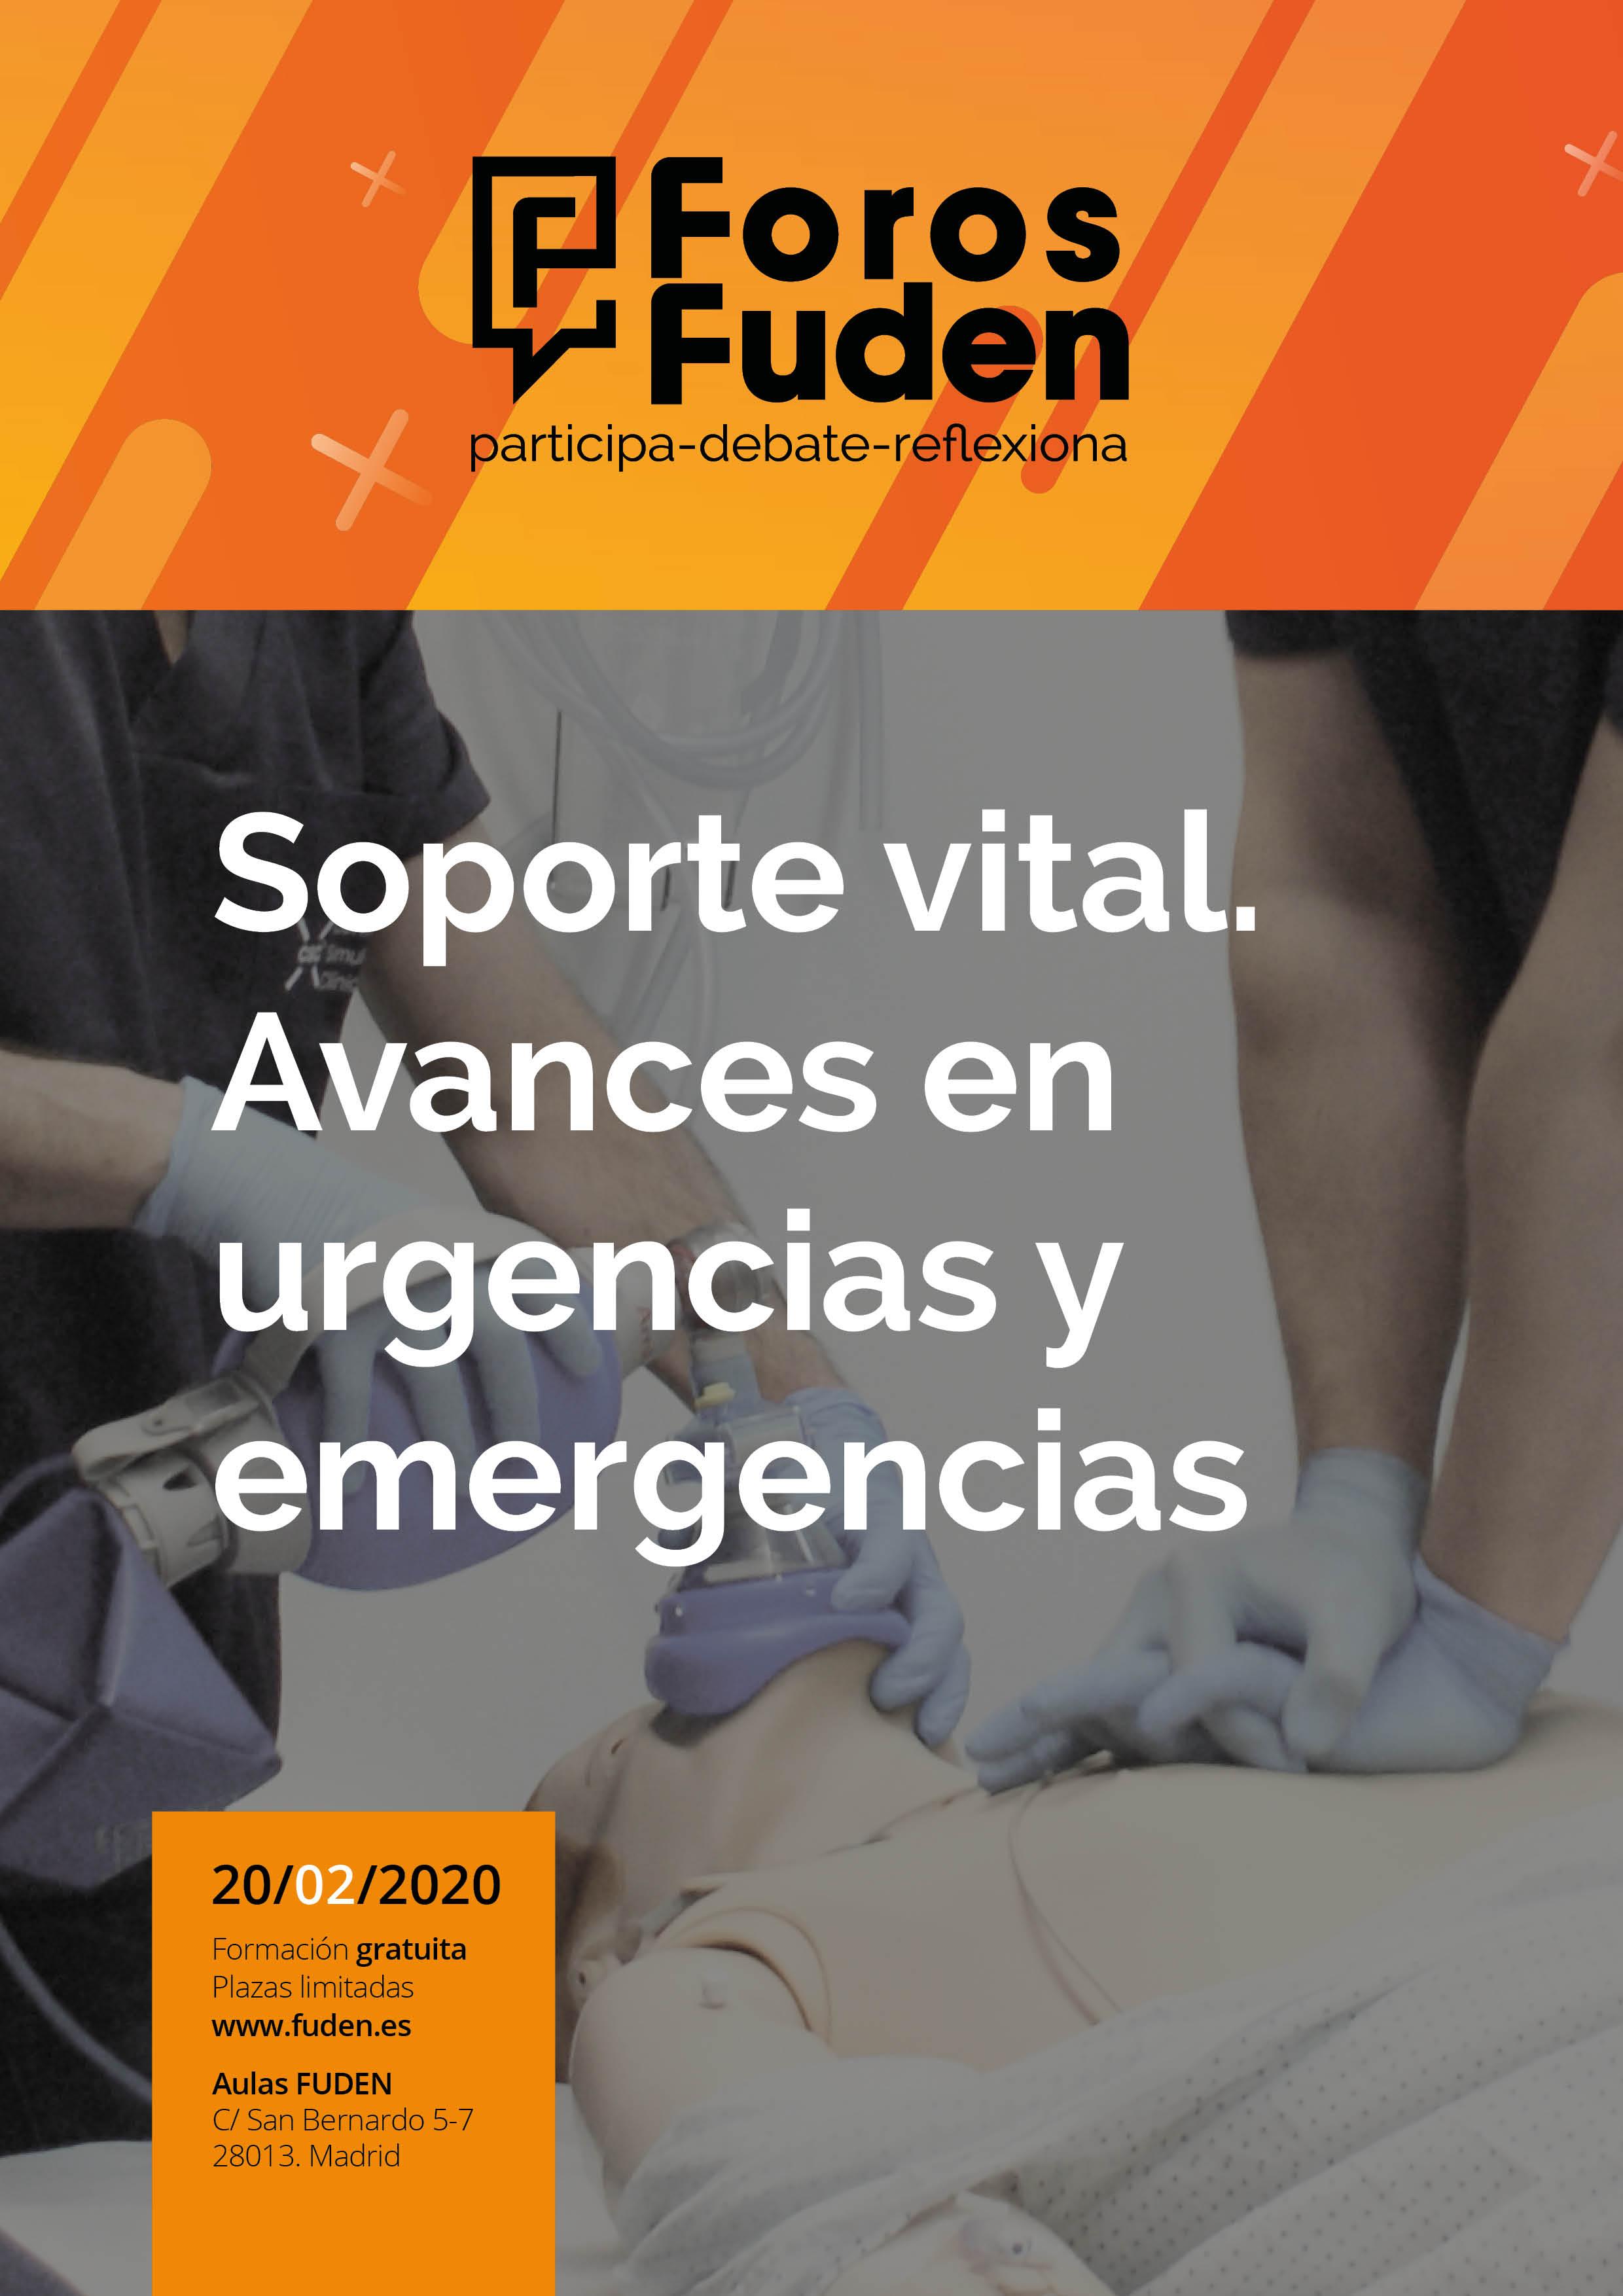 Foro Fuden 2020. Soporte vital. Avances en urgencias y emergencias